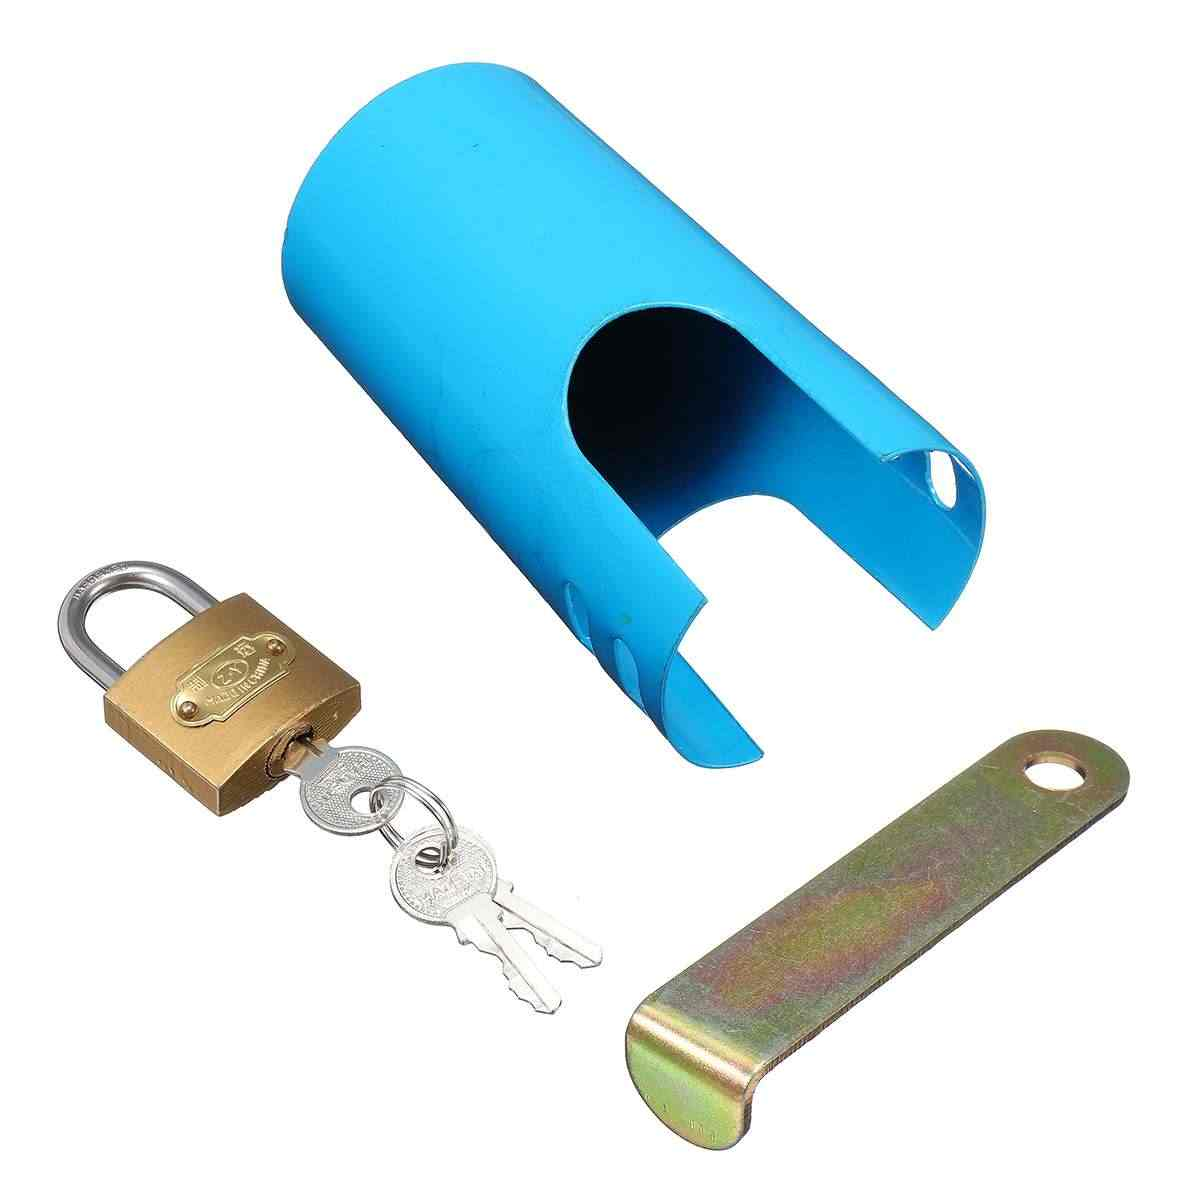 1 セット鉄ロック可能なタップ保護カバー屋外ガーデン盗難安全ホームセンター台所の蛇口アクセサリー